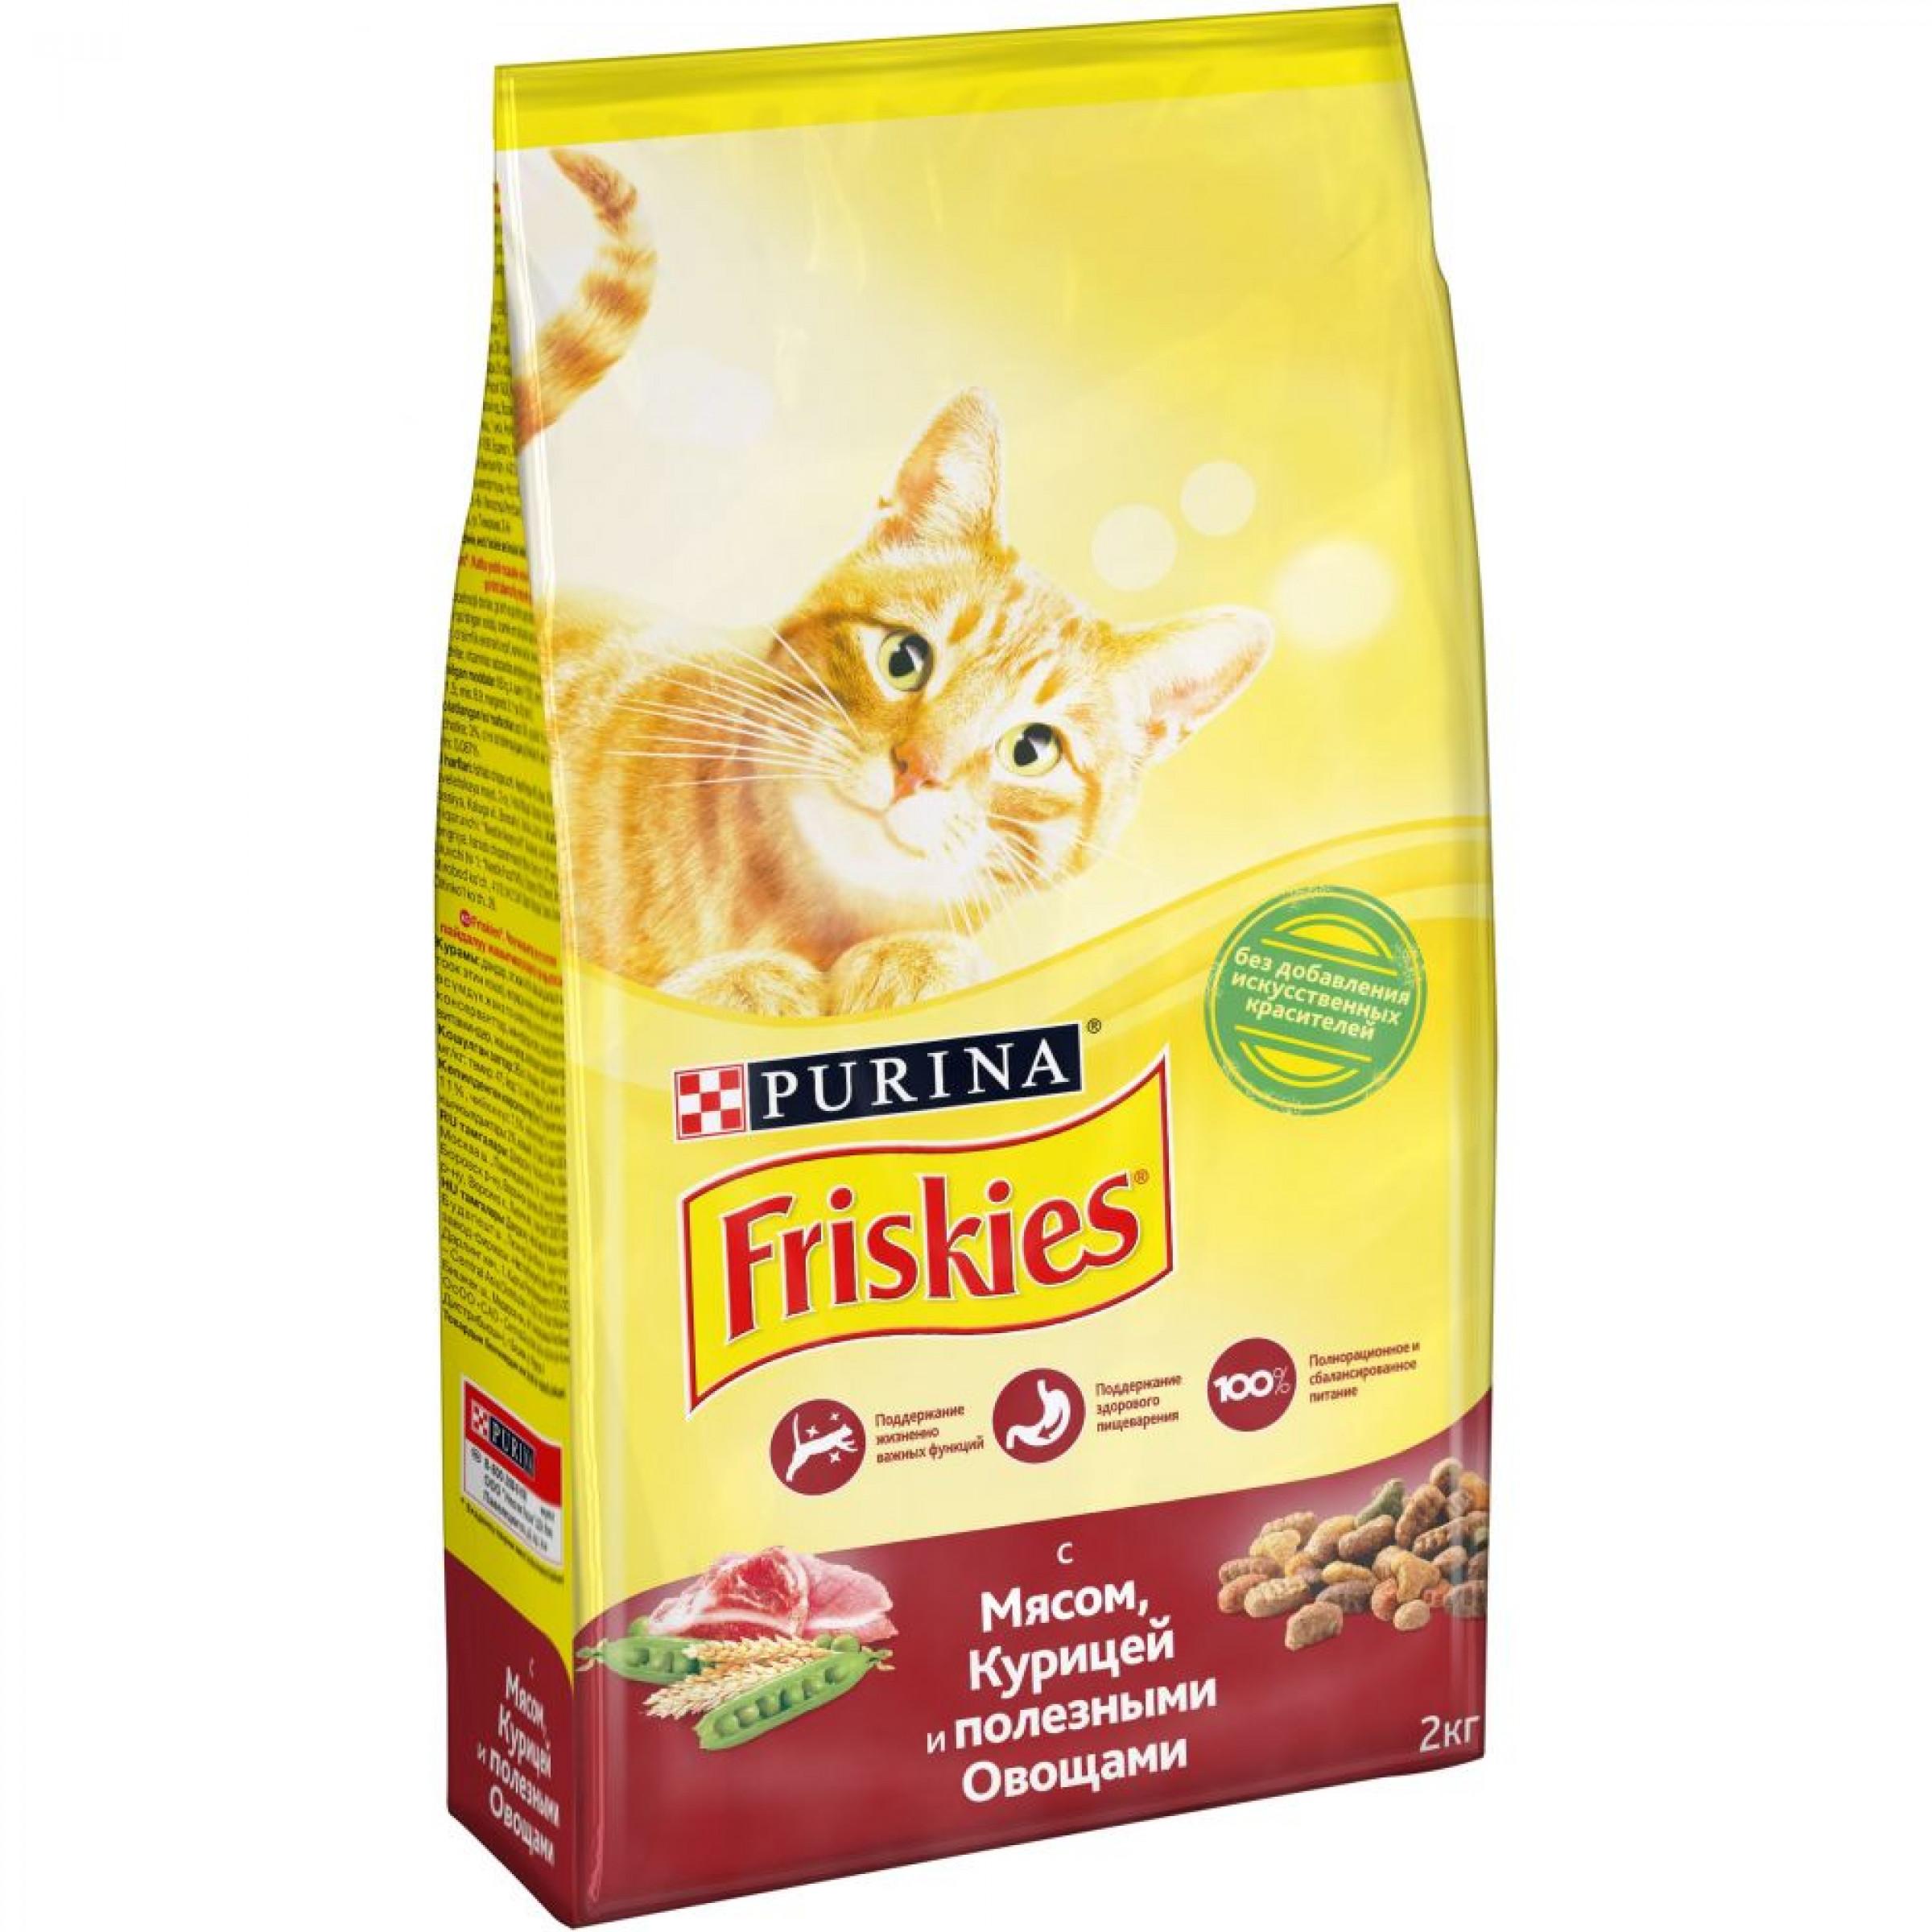 """Сухой корм для кошек с мясом, курицей и печенью """"Friskies"""", 2кг"""